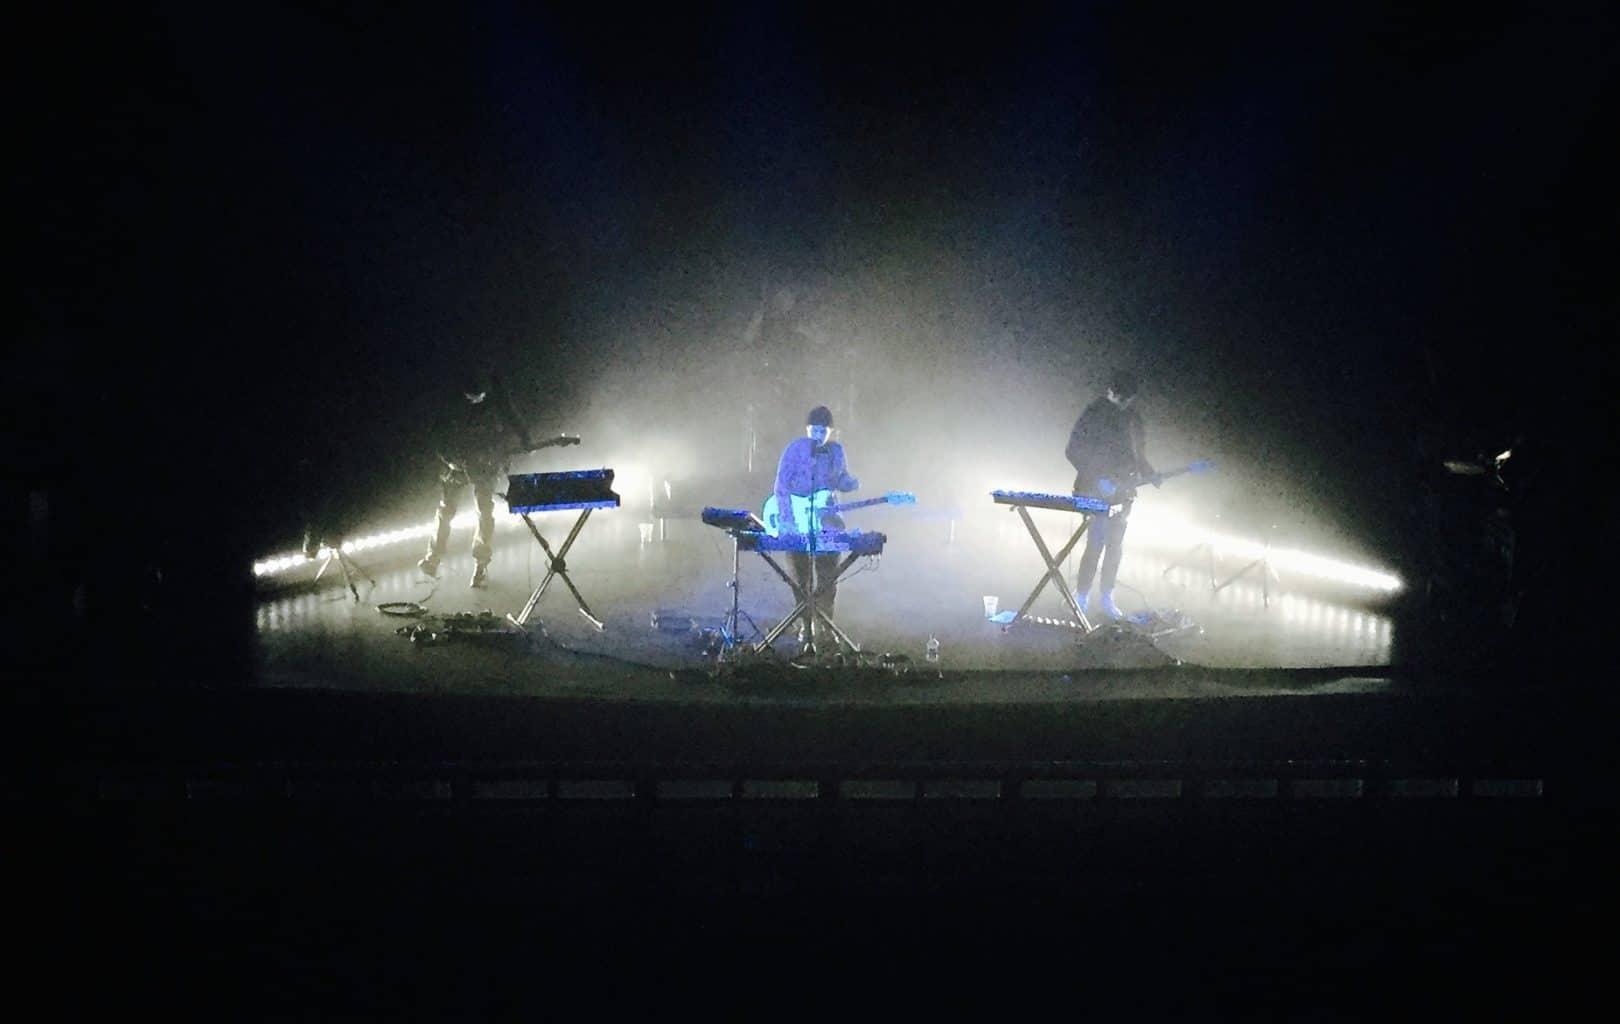 Shura Lighting Vortex Events touring 2016 24 Vortex Events